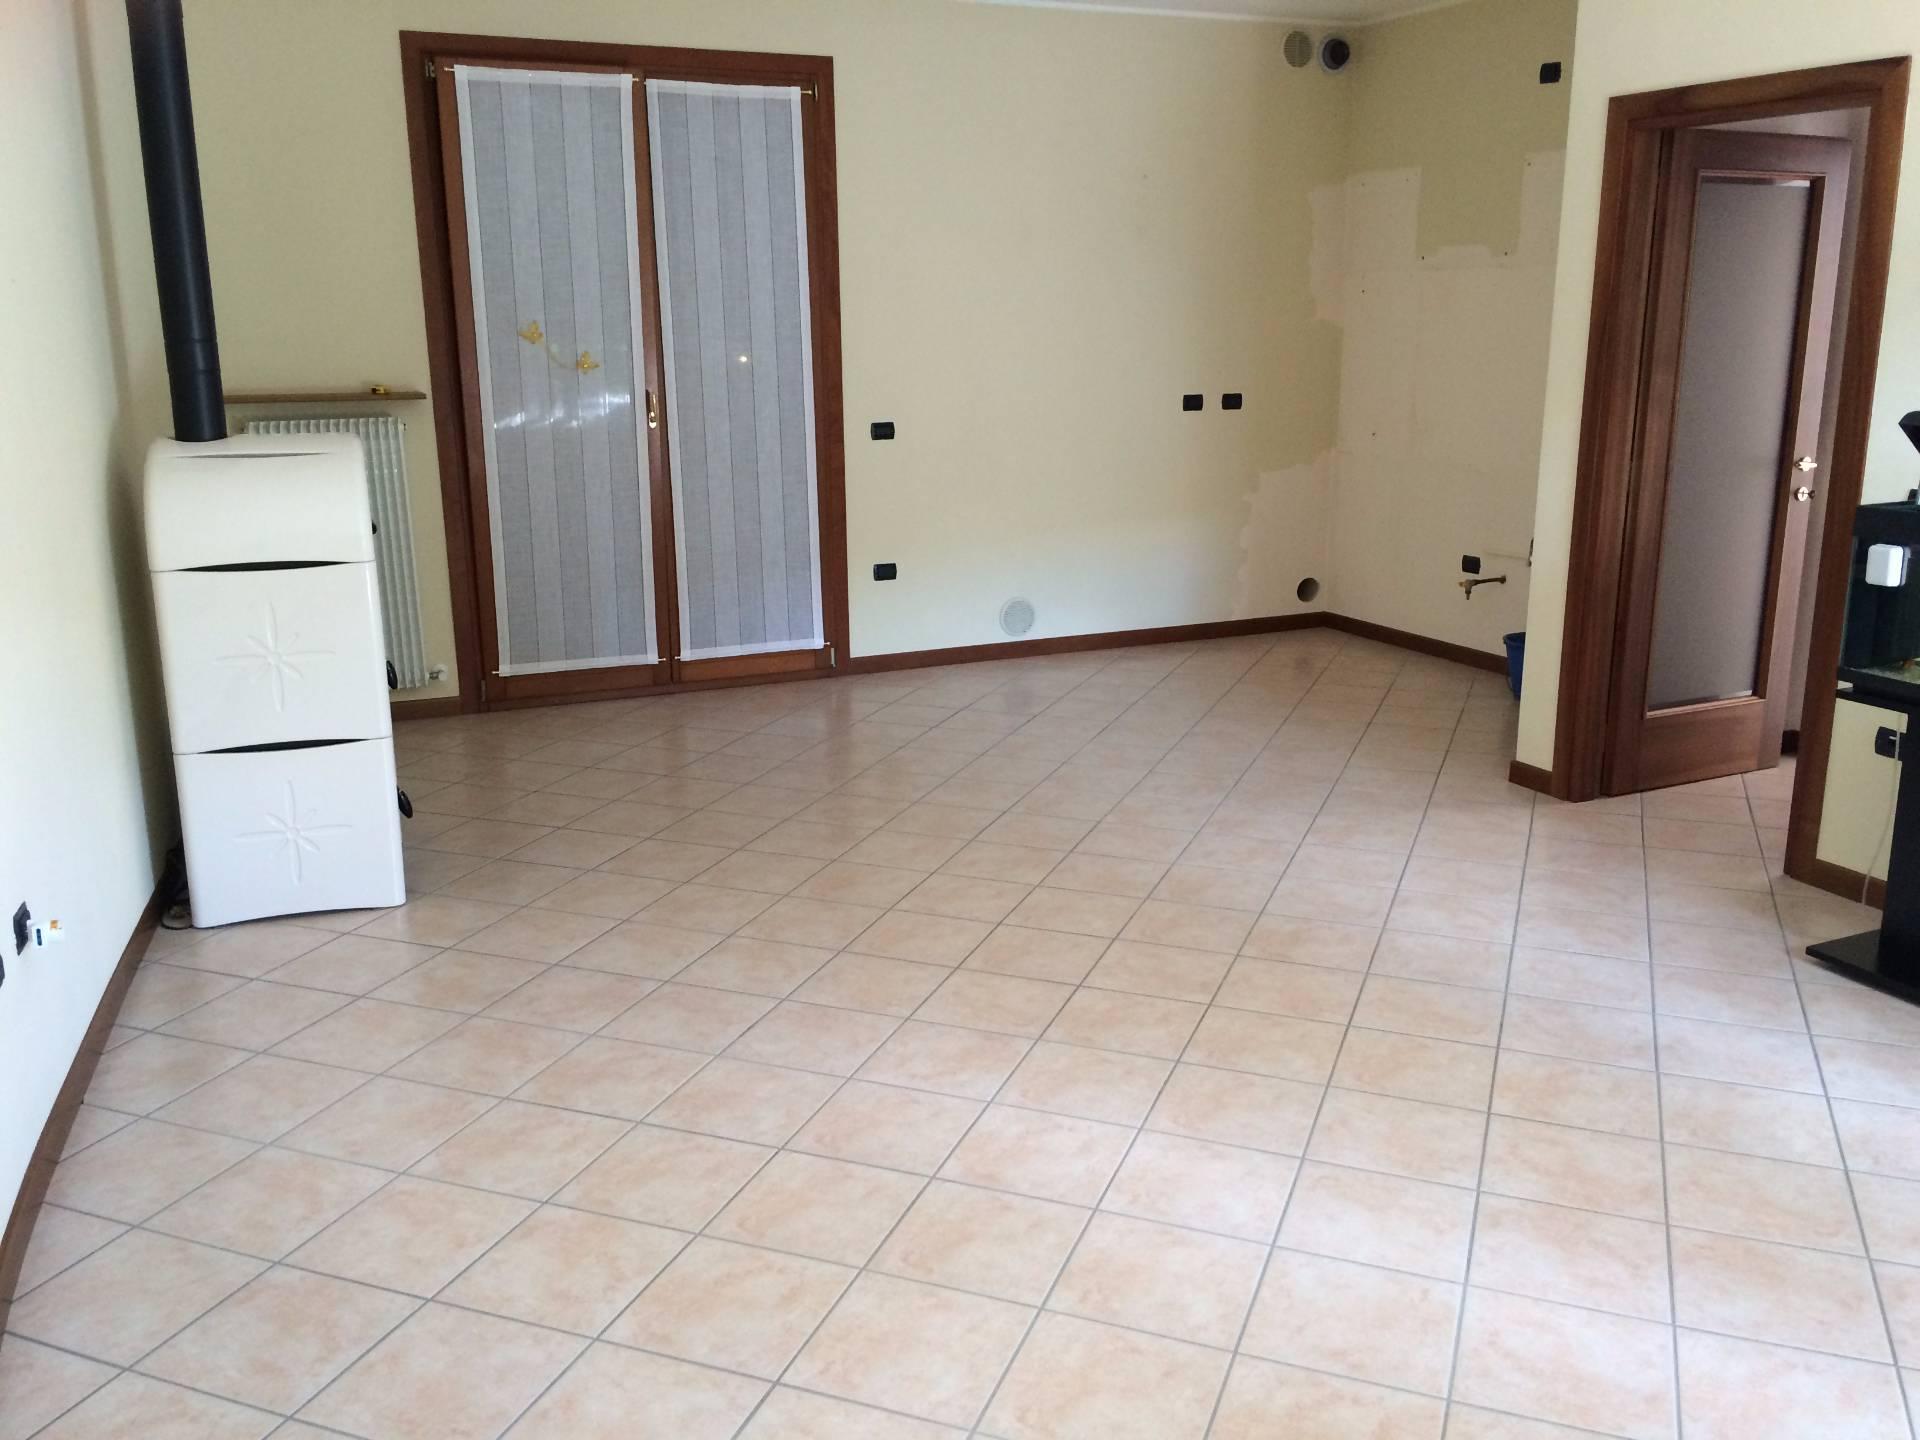 Villa in vendita a Maserada sul Piave, 6 locali, prezzo € 220.000 | Cambio Casa.it